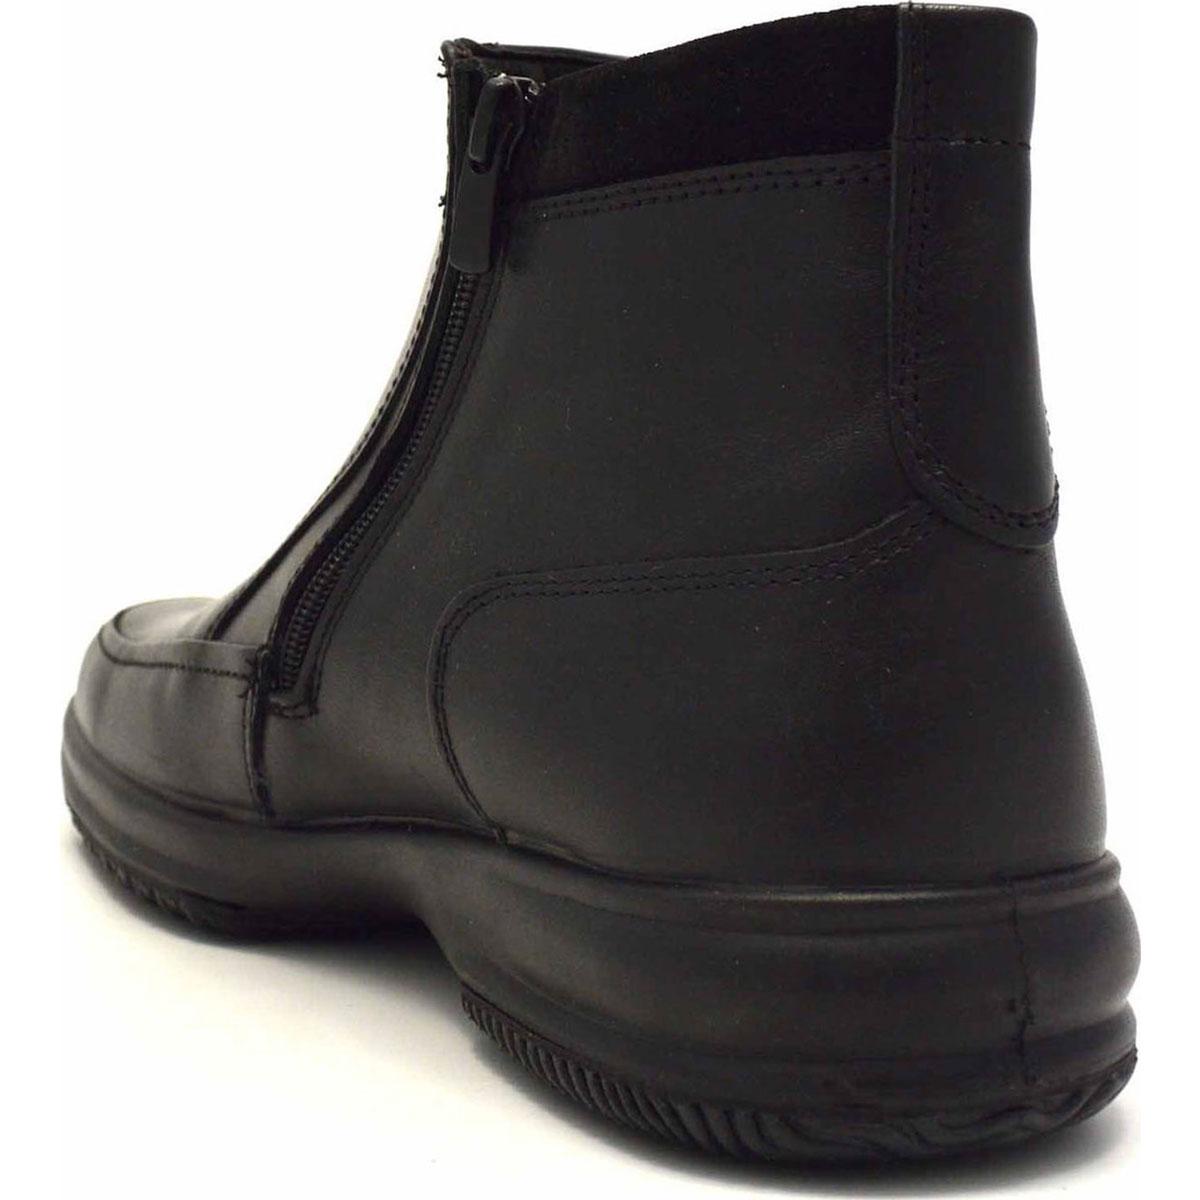 Ανδρικό δερμάτινο Μαύρο μποτάκι BOXER original 12101-14-111